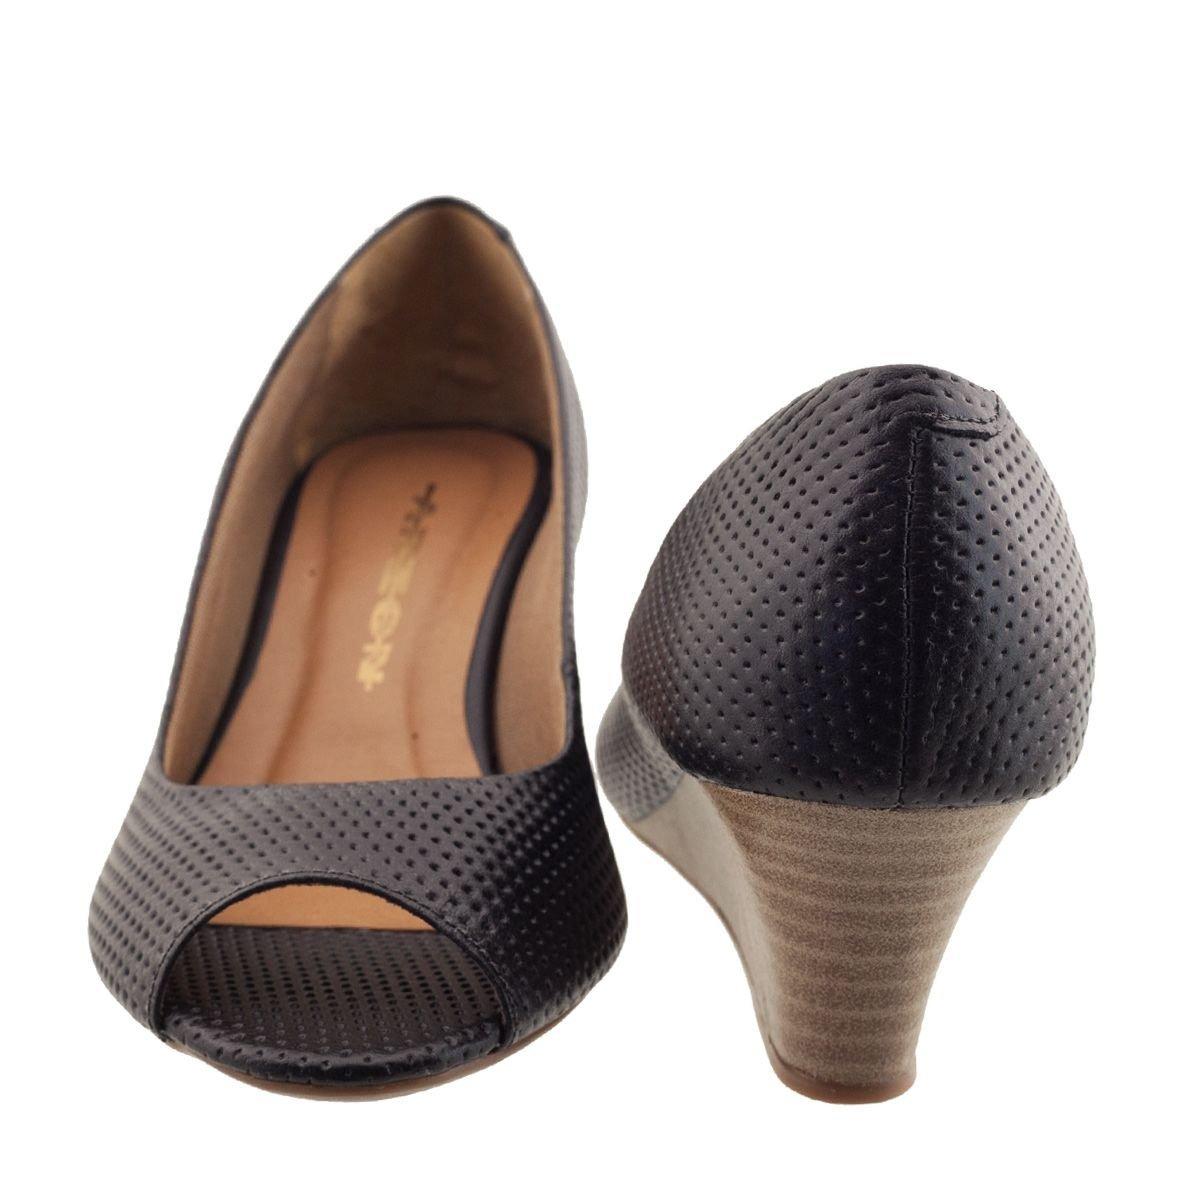 44304b2d29 sandália anabela couro feminina preta. Carregando zoom.